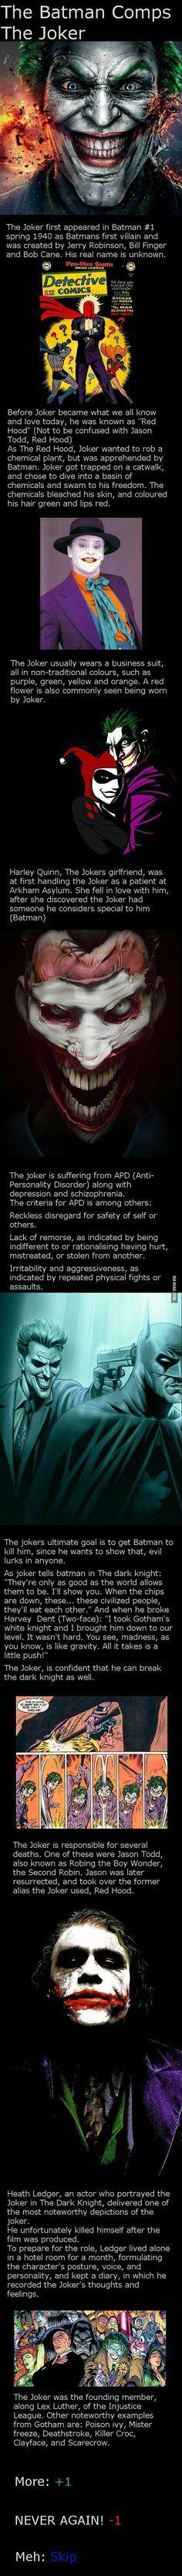 Story of the joker - 9GAG